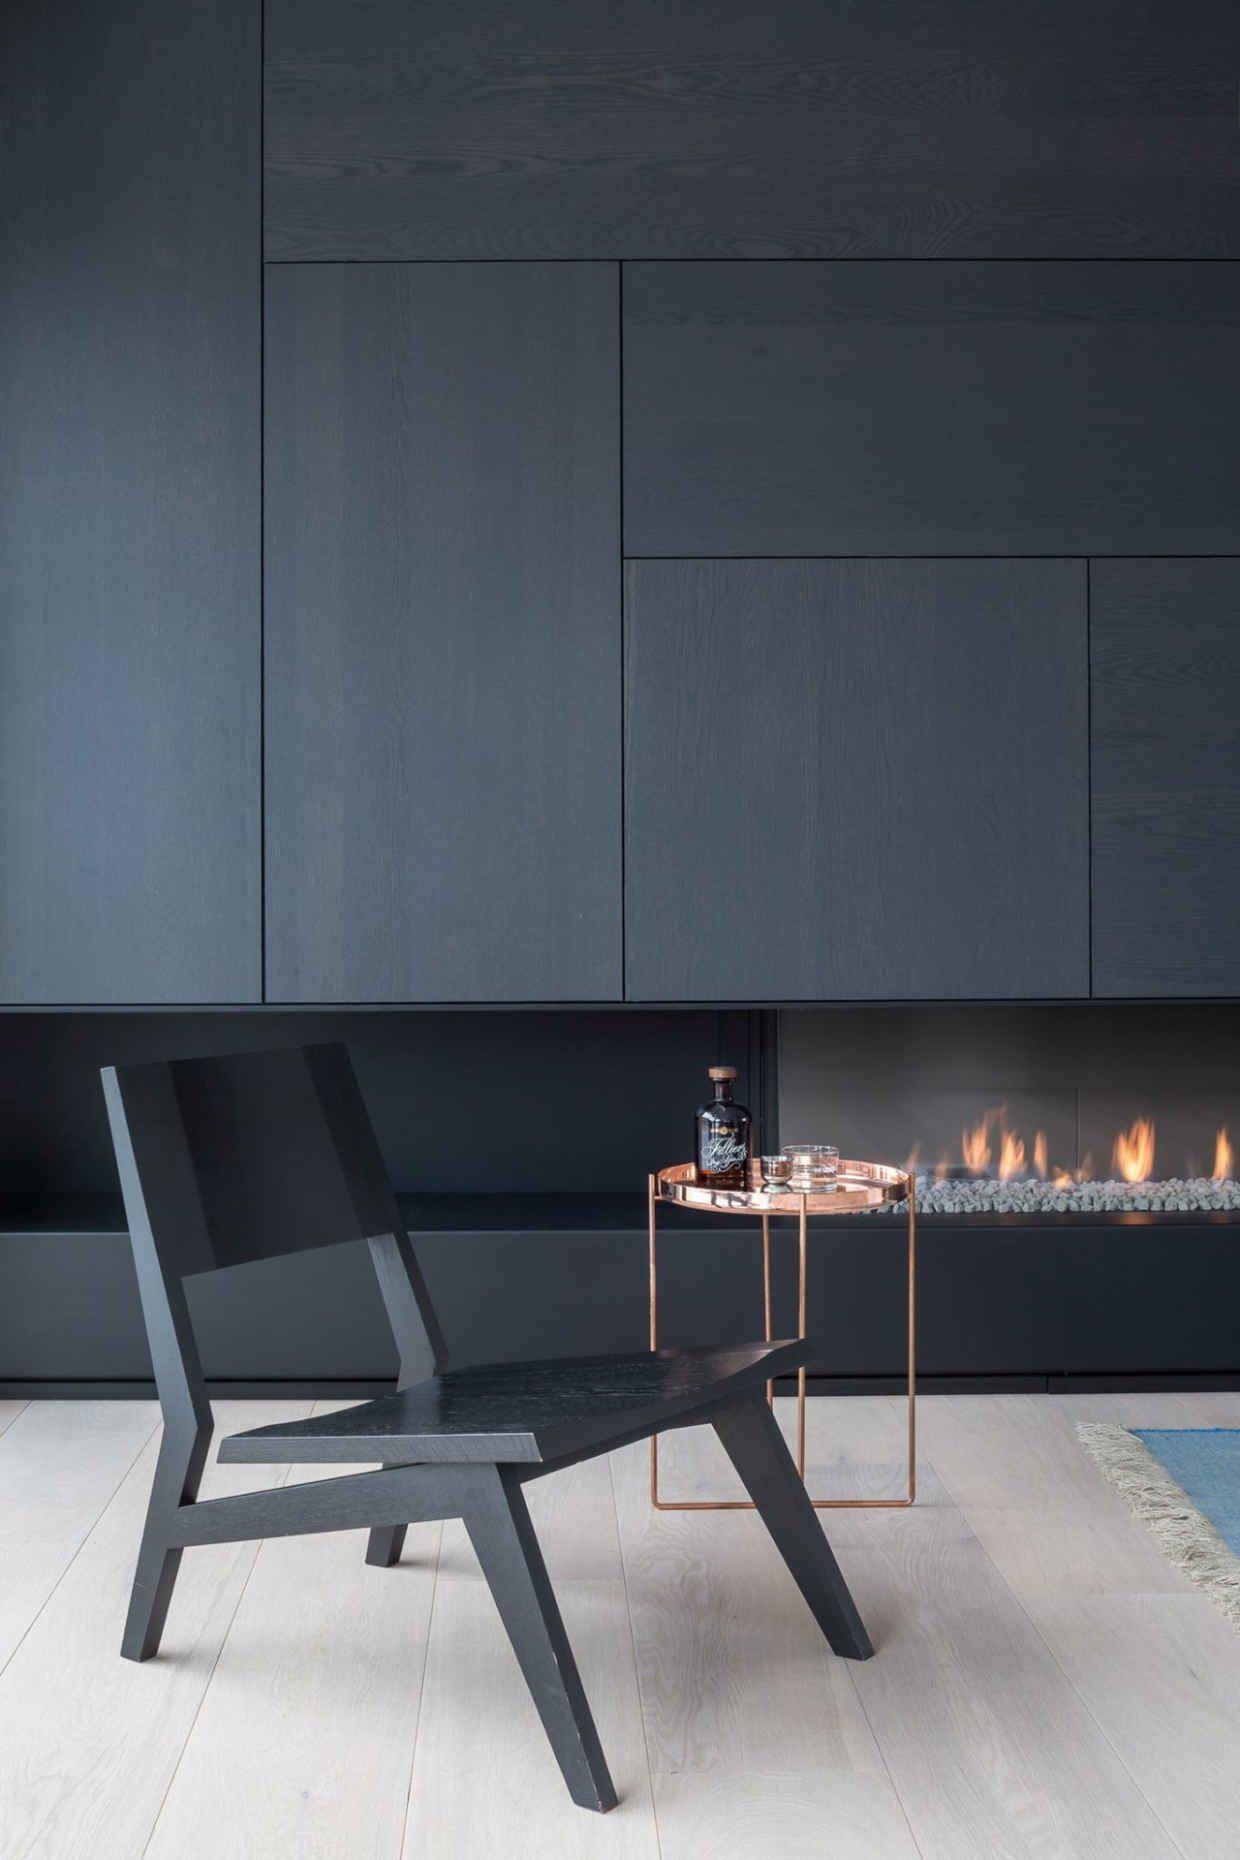 Neue wohnzimmer innenarchitektur imagem   mittelstädt  pinterest  wohnzimmer innenarchitektur